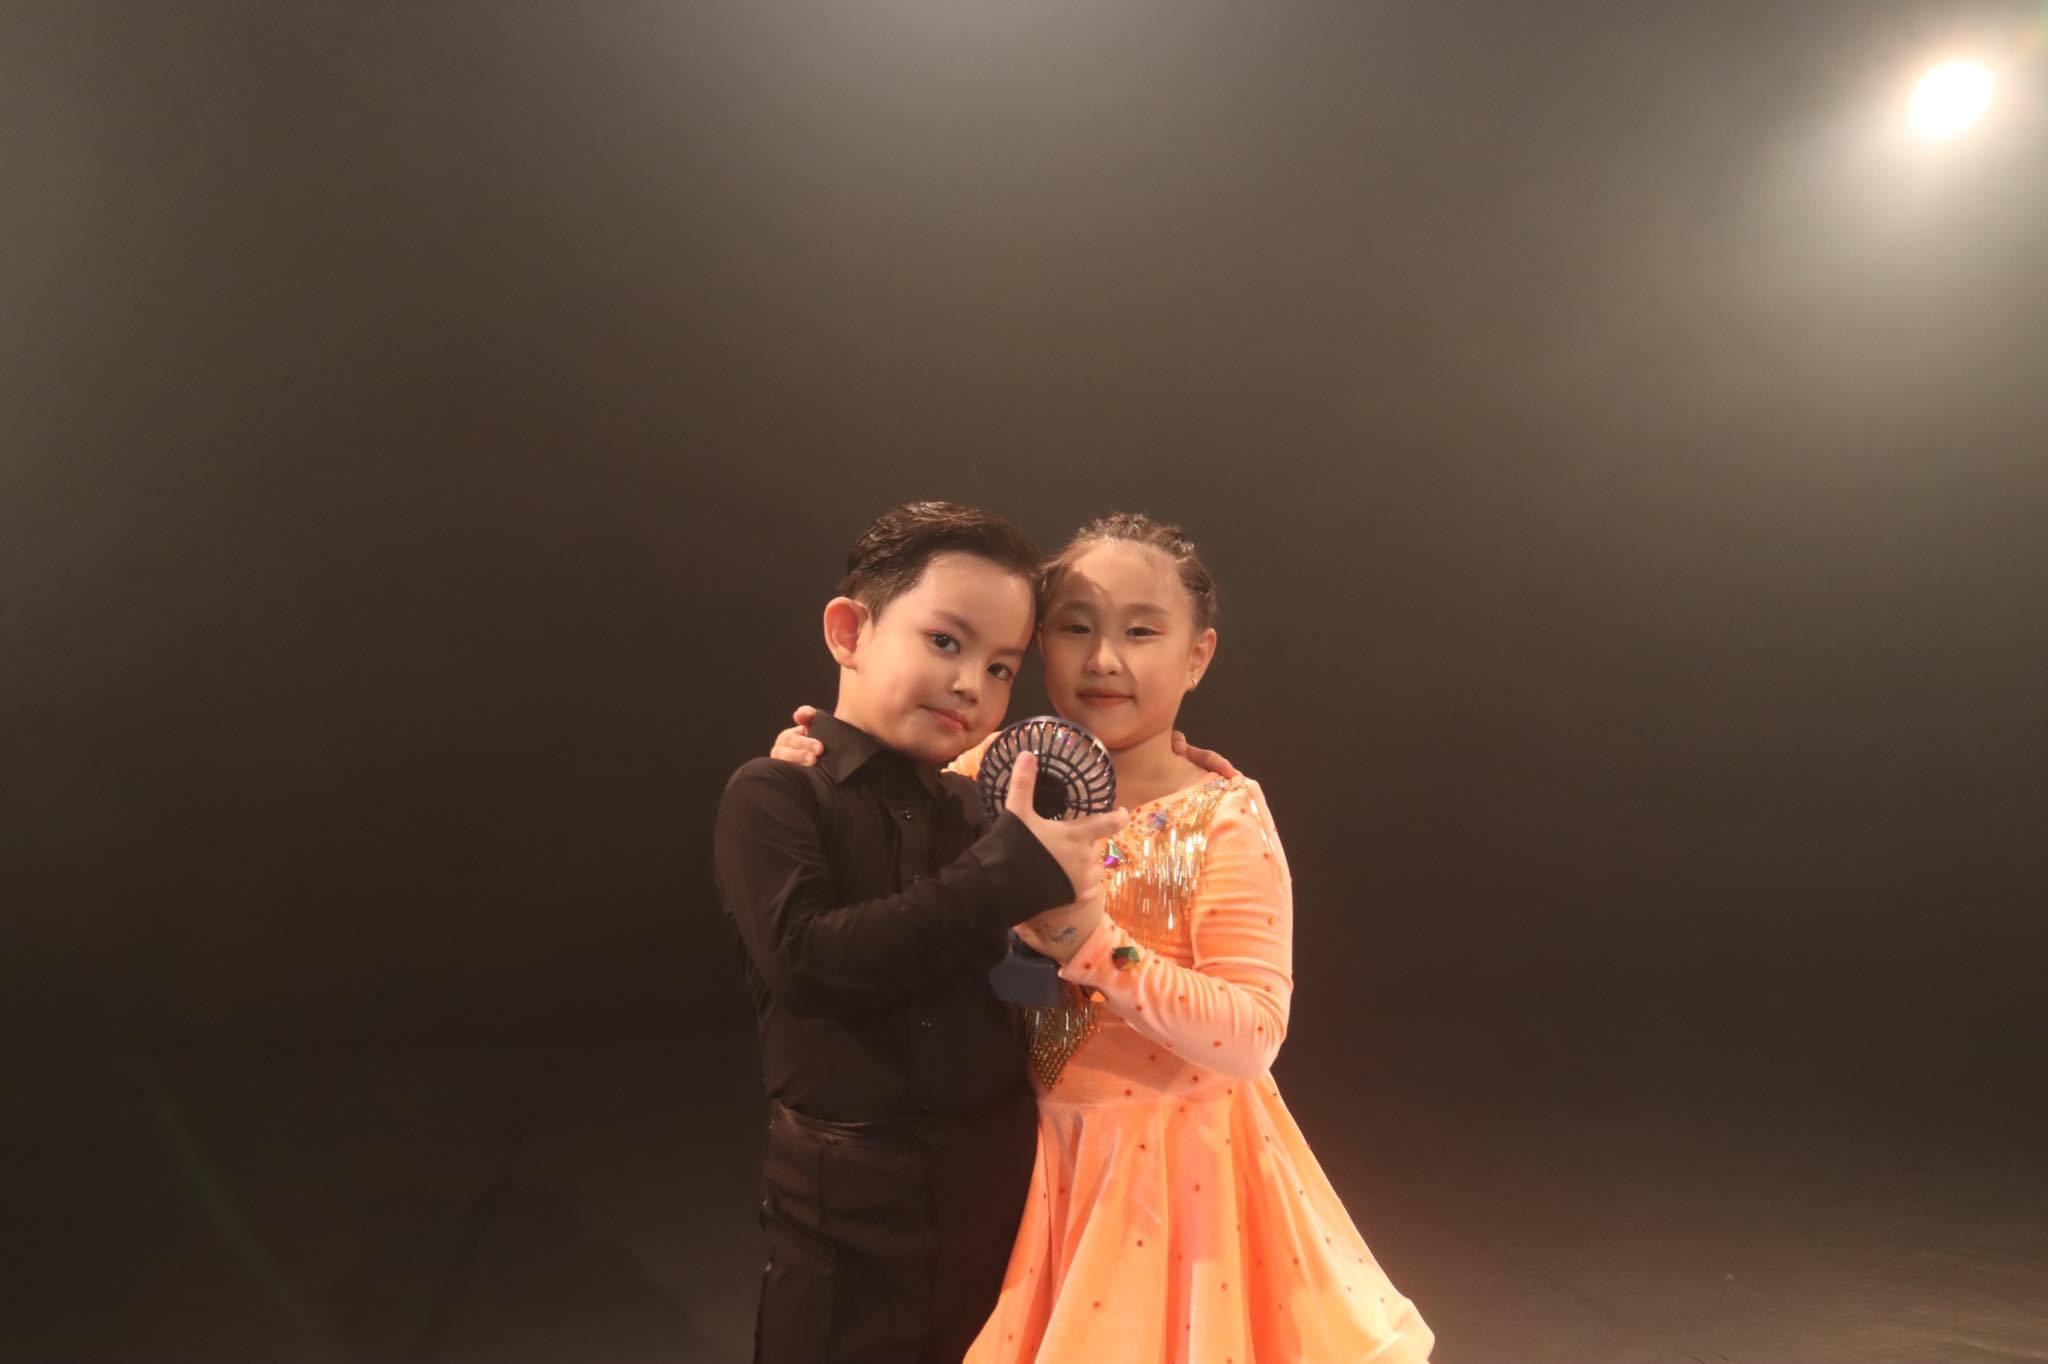 Mới 4 tuổi nhưng con trai Khánh Thi - Phan Hiển đã nhảy điêu luyện